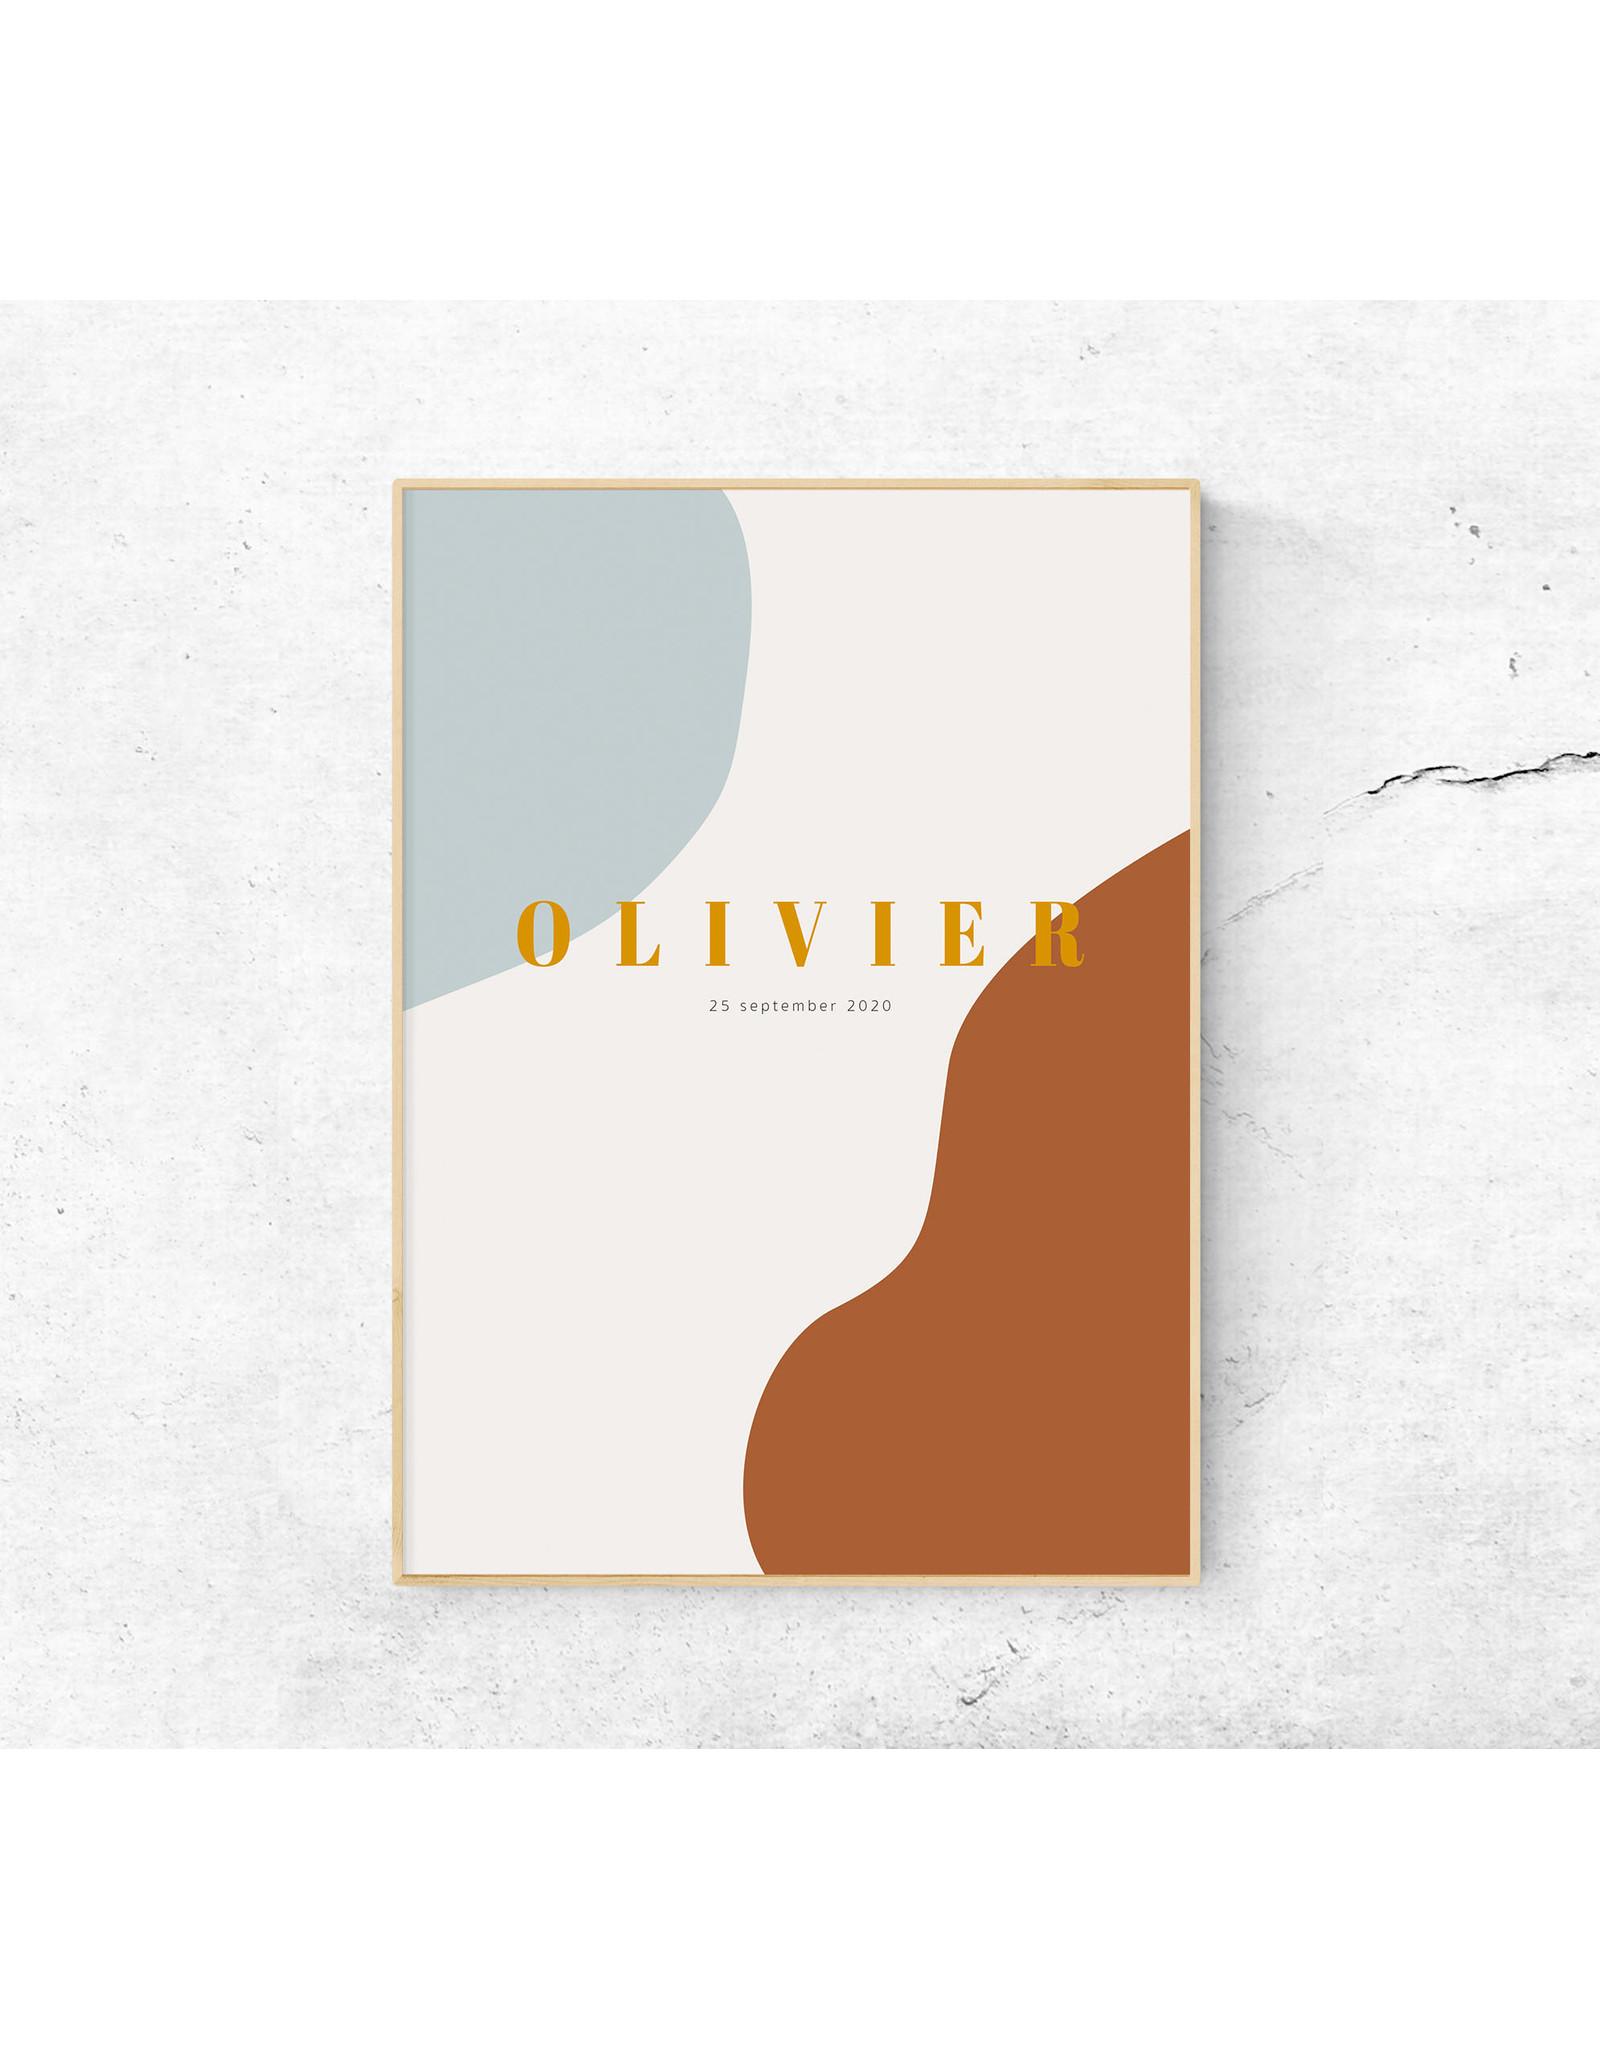 studiobydiede Poster Olivier